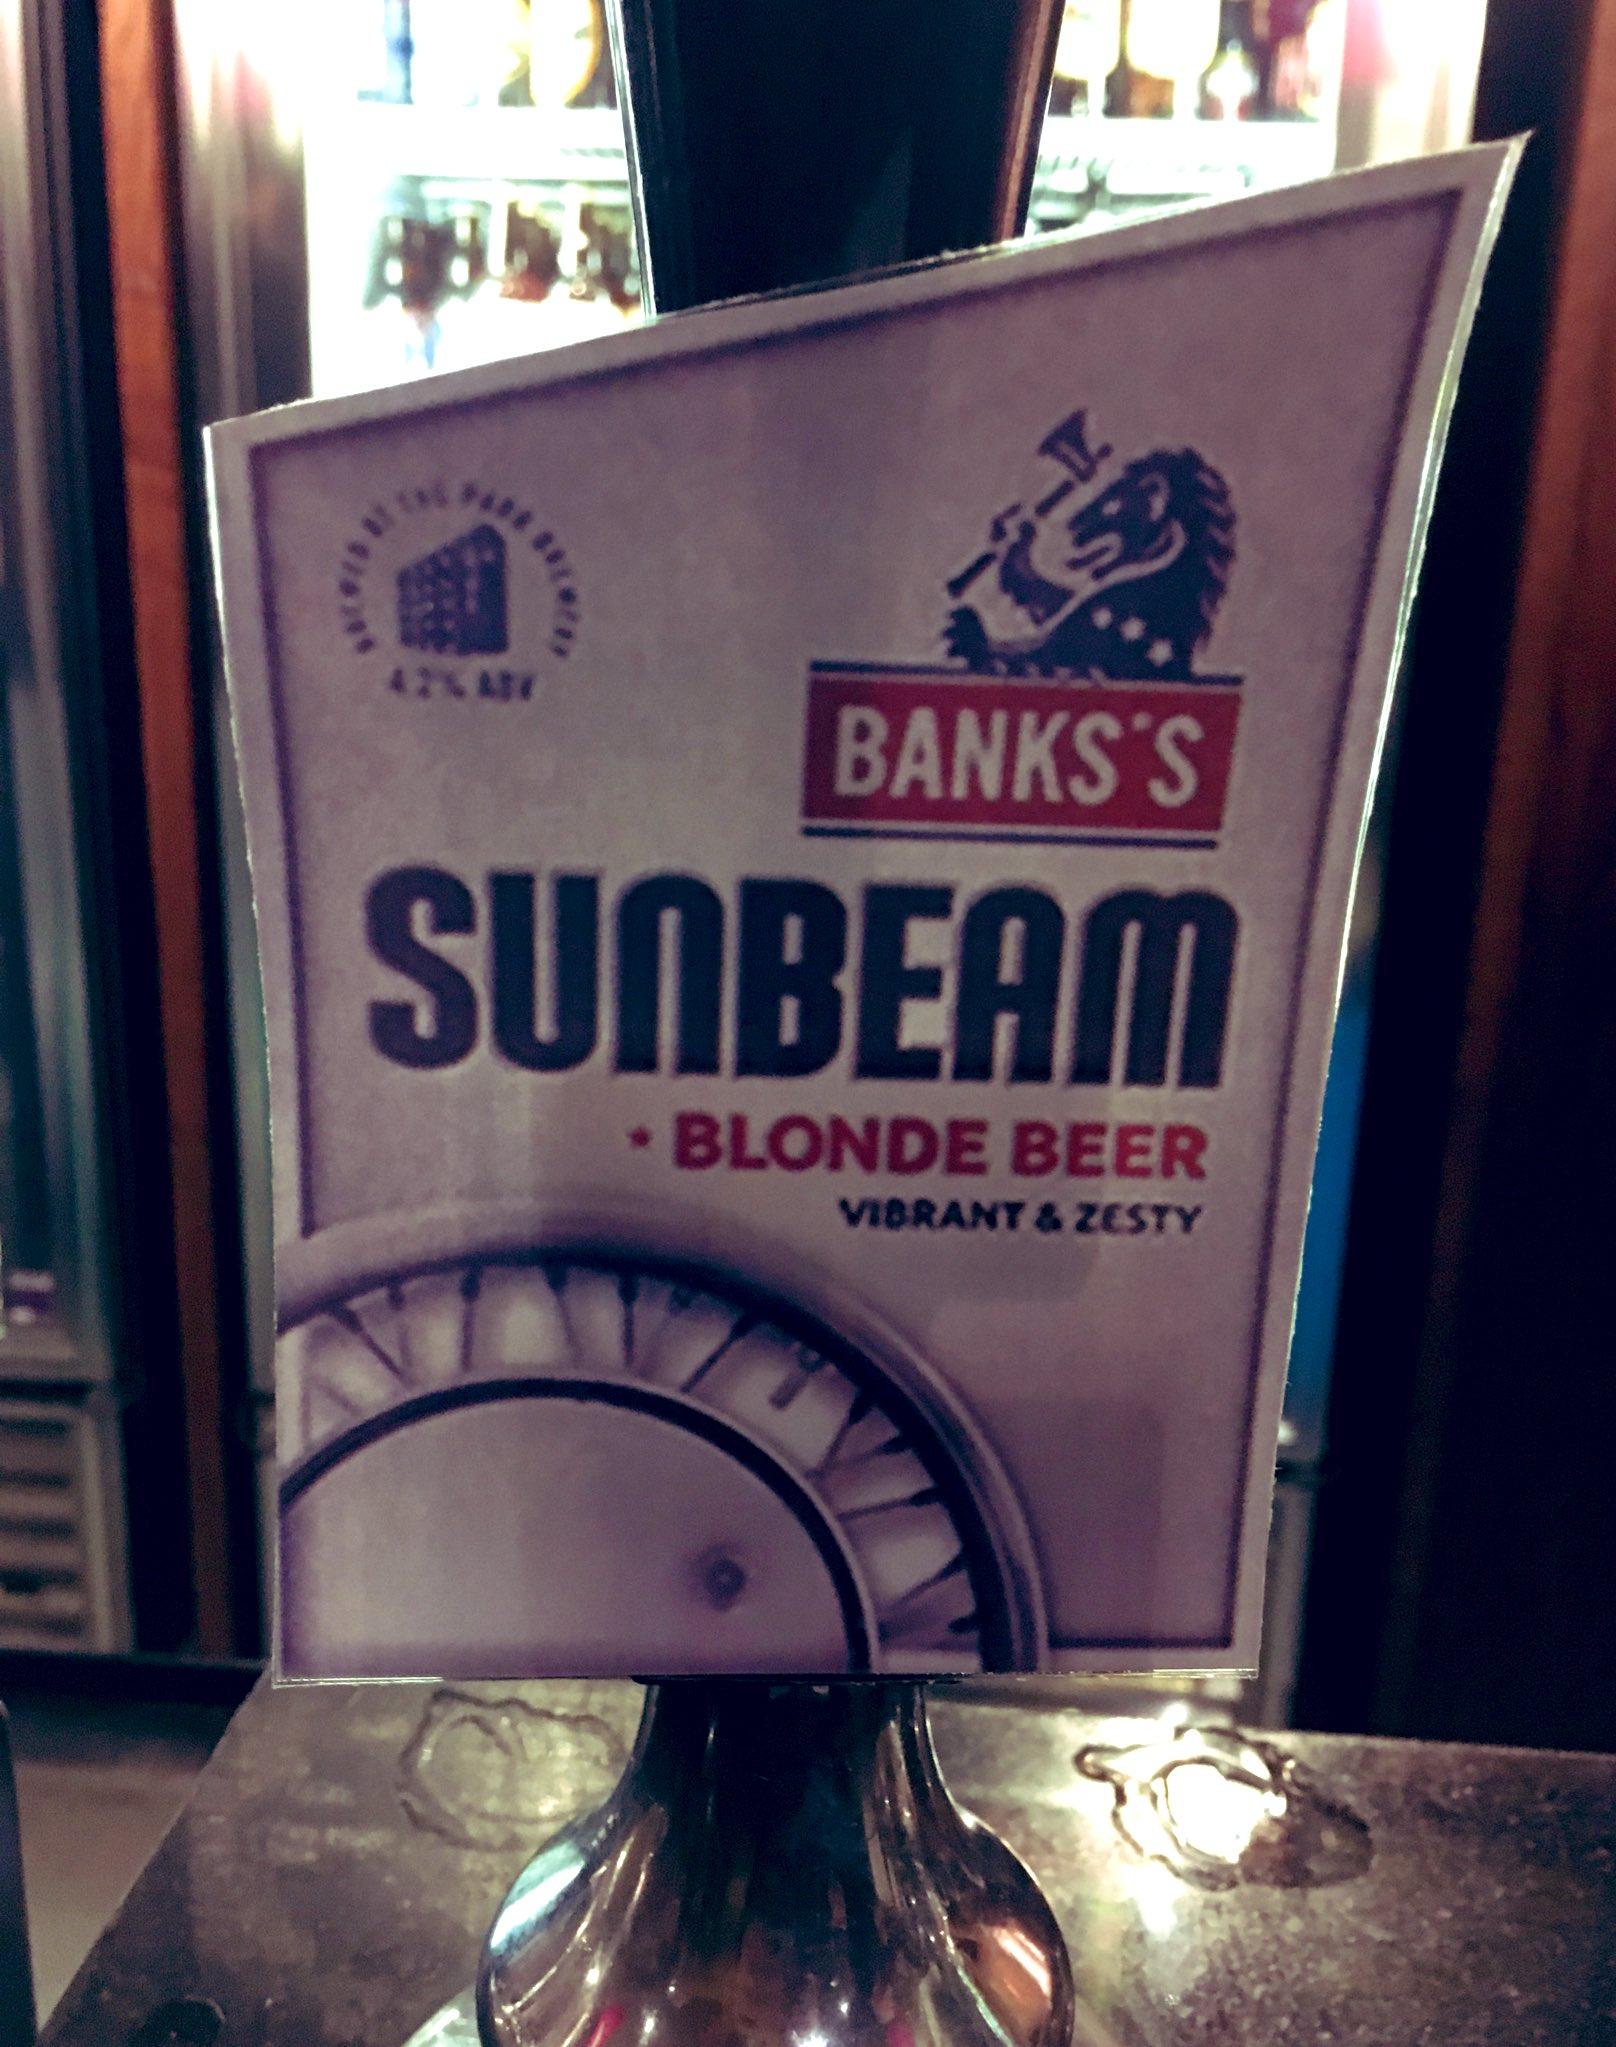 75: Sunbeam